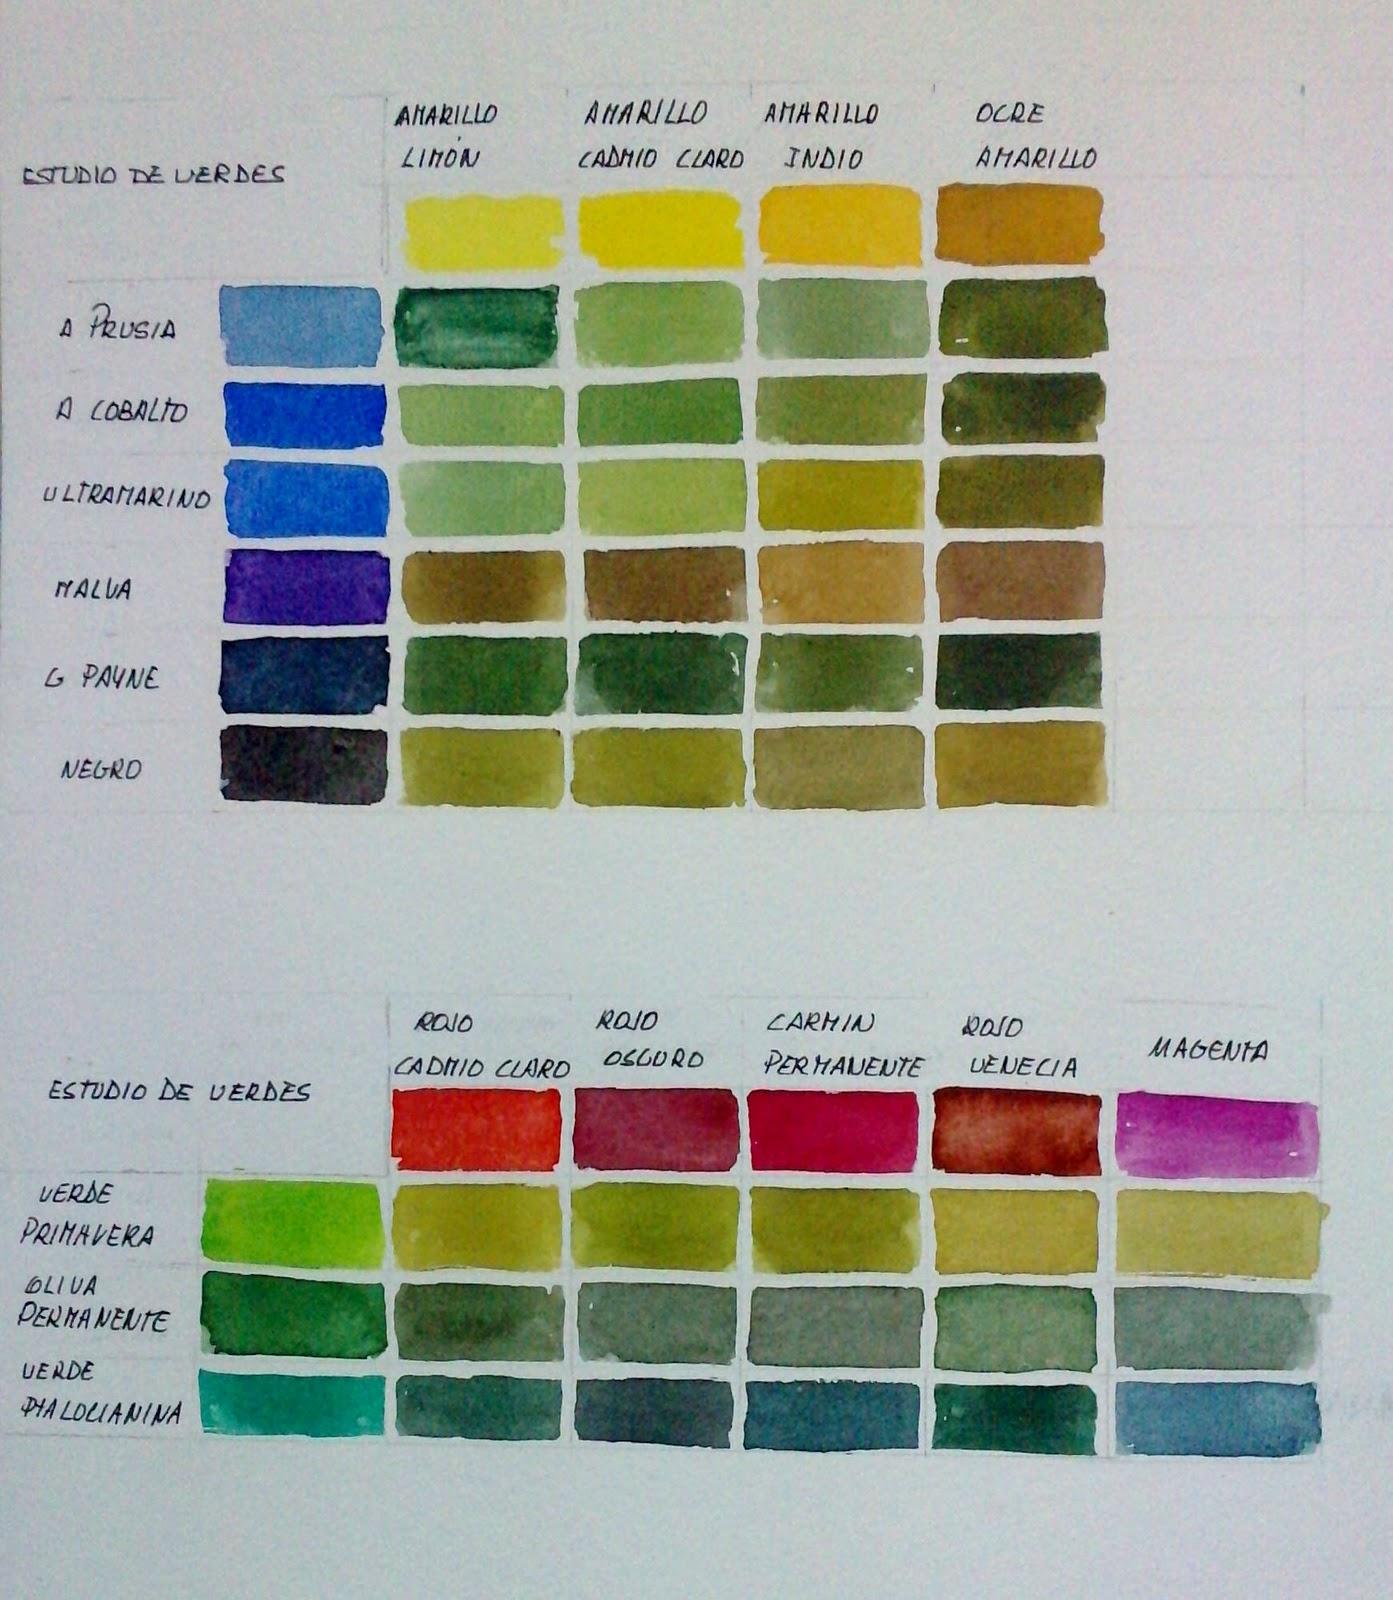 Curso de dibujo y pintura aula creativa docente mjbarrera ejercicio de mezcla de colores en - Mezcla de colores para pintar ...